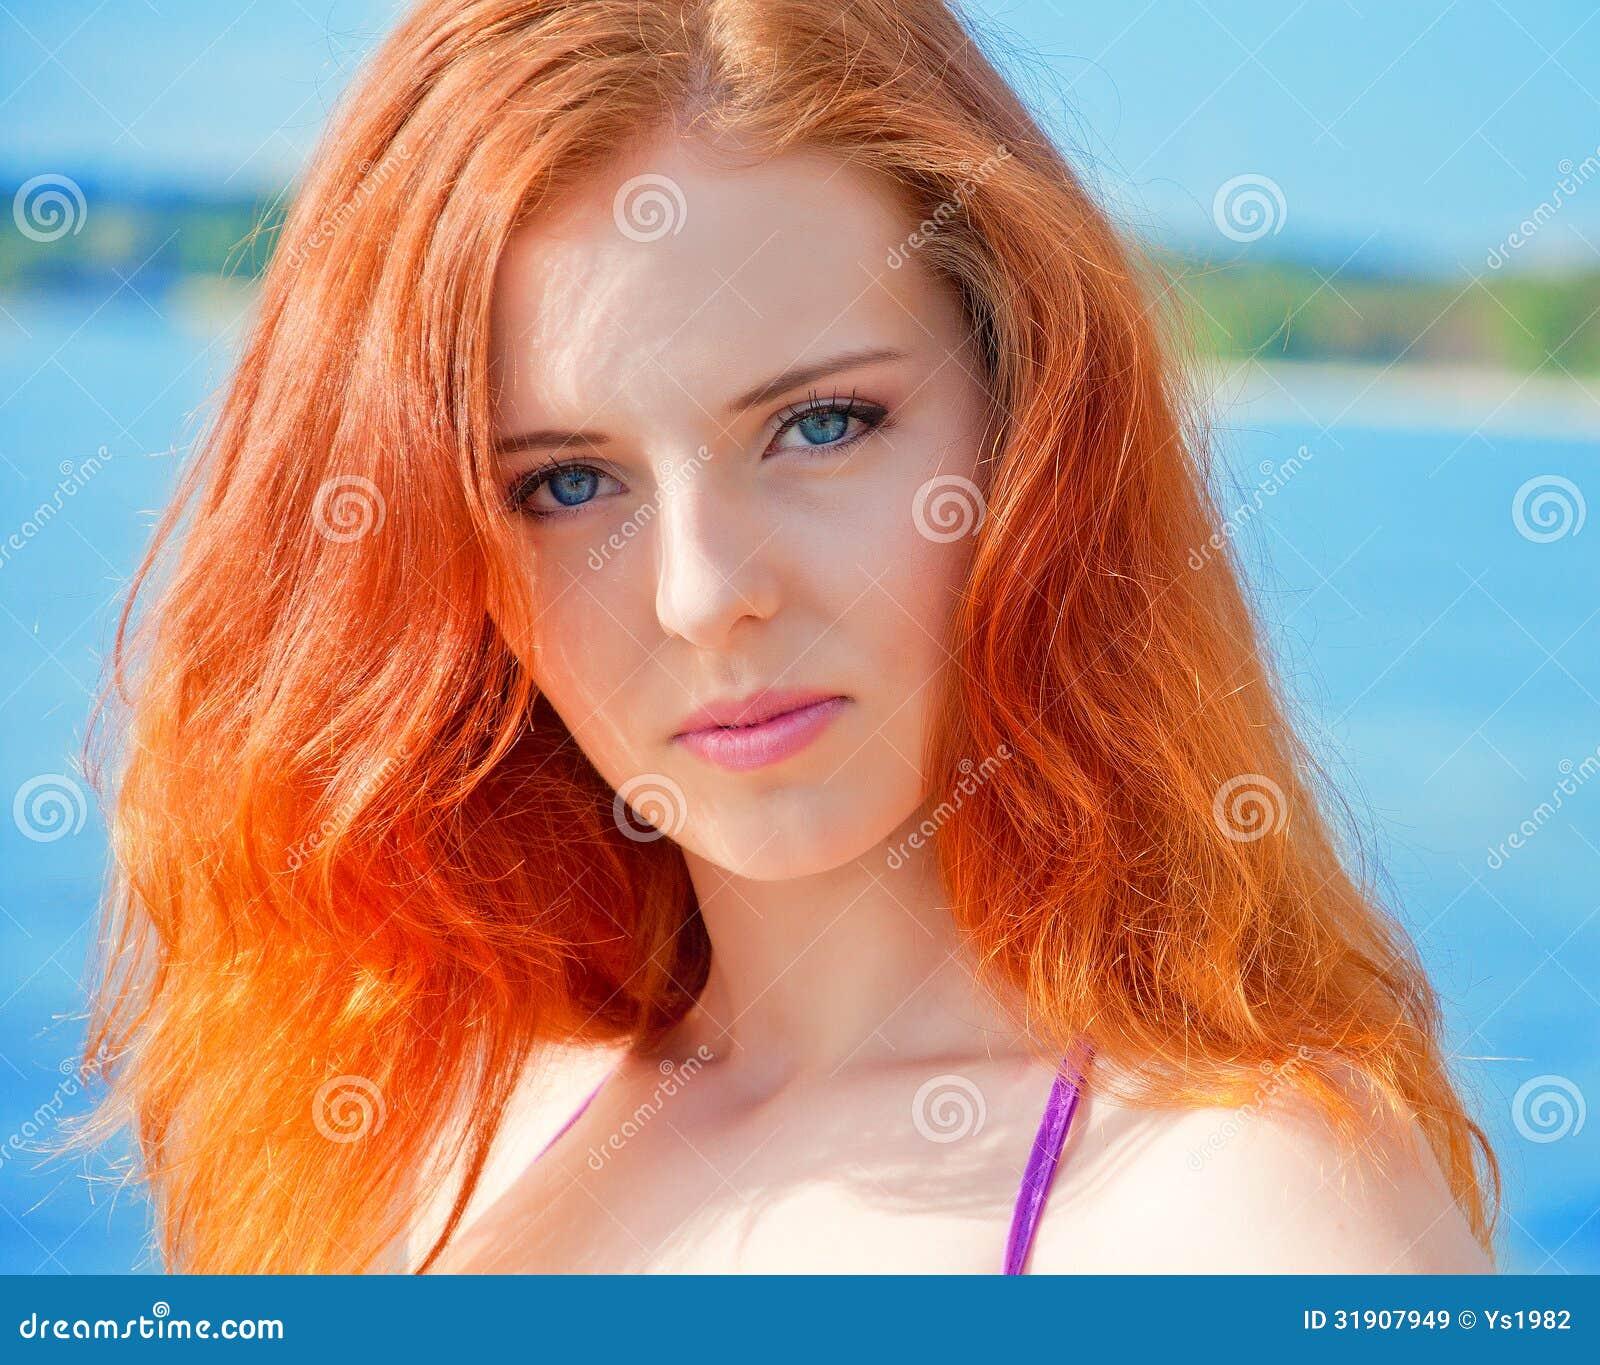 Woman With Beautiful Body In Bikini At Beach Stock Image: Beautiful Girl With Red Hair And Bikini Posing On A Beach